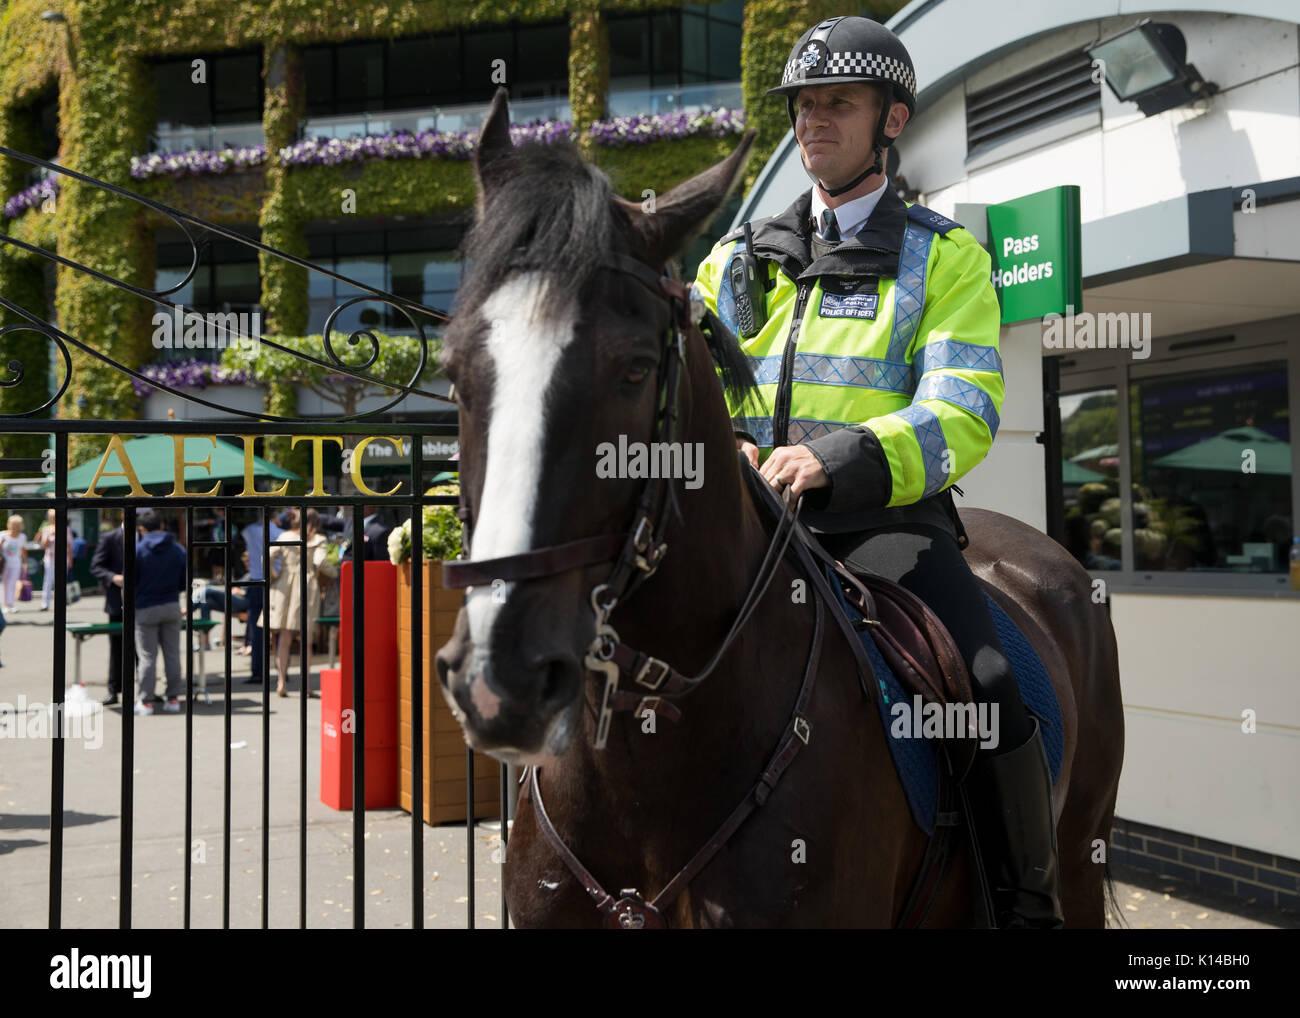 La police montée à cheval en dehors de Wimbledon Photo Stock